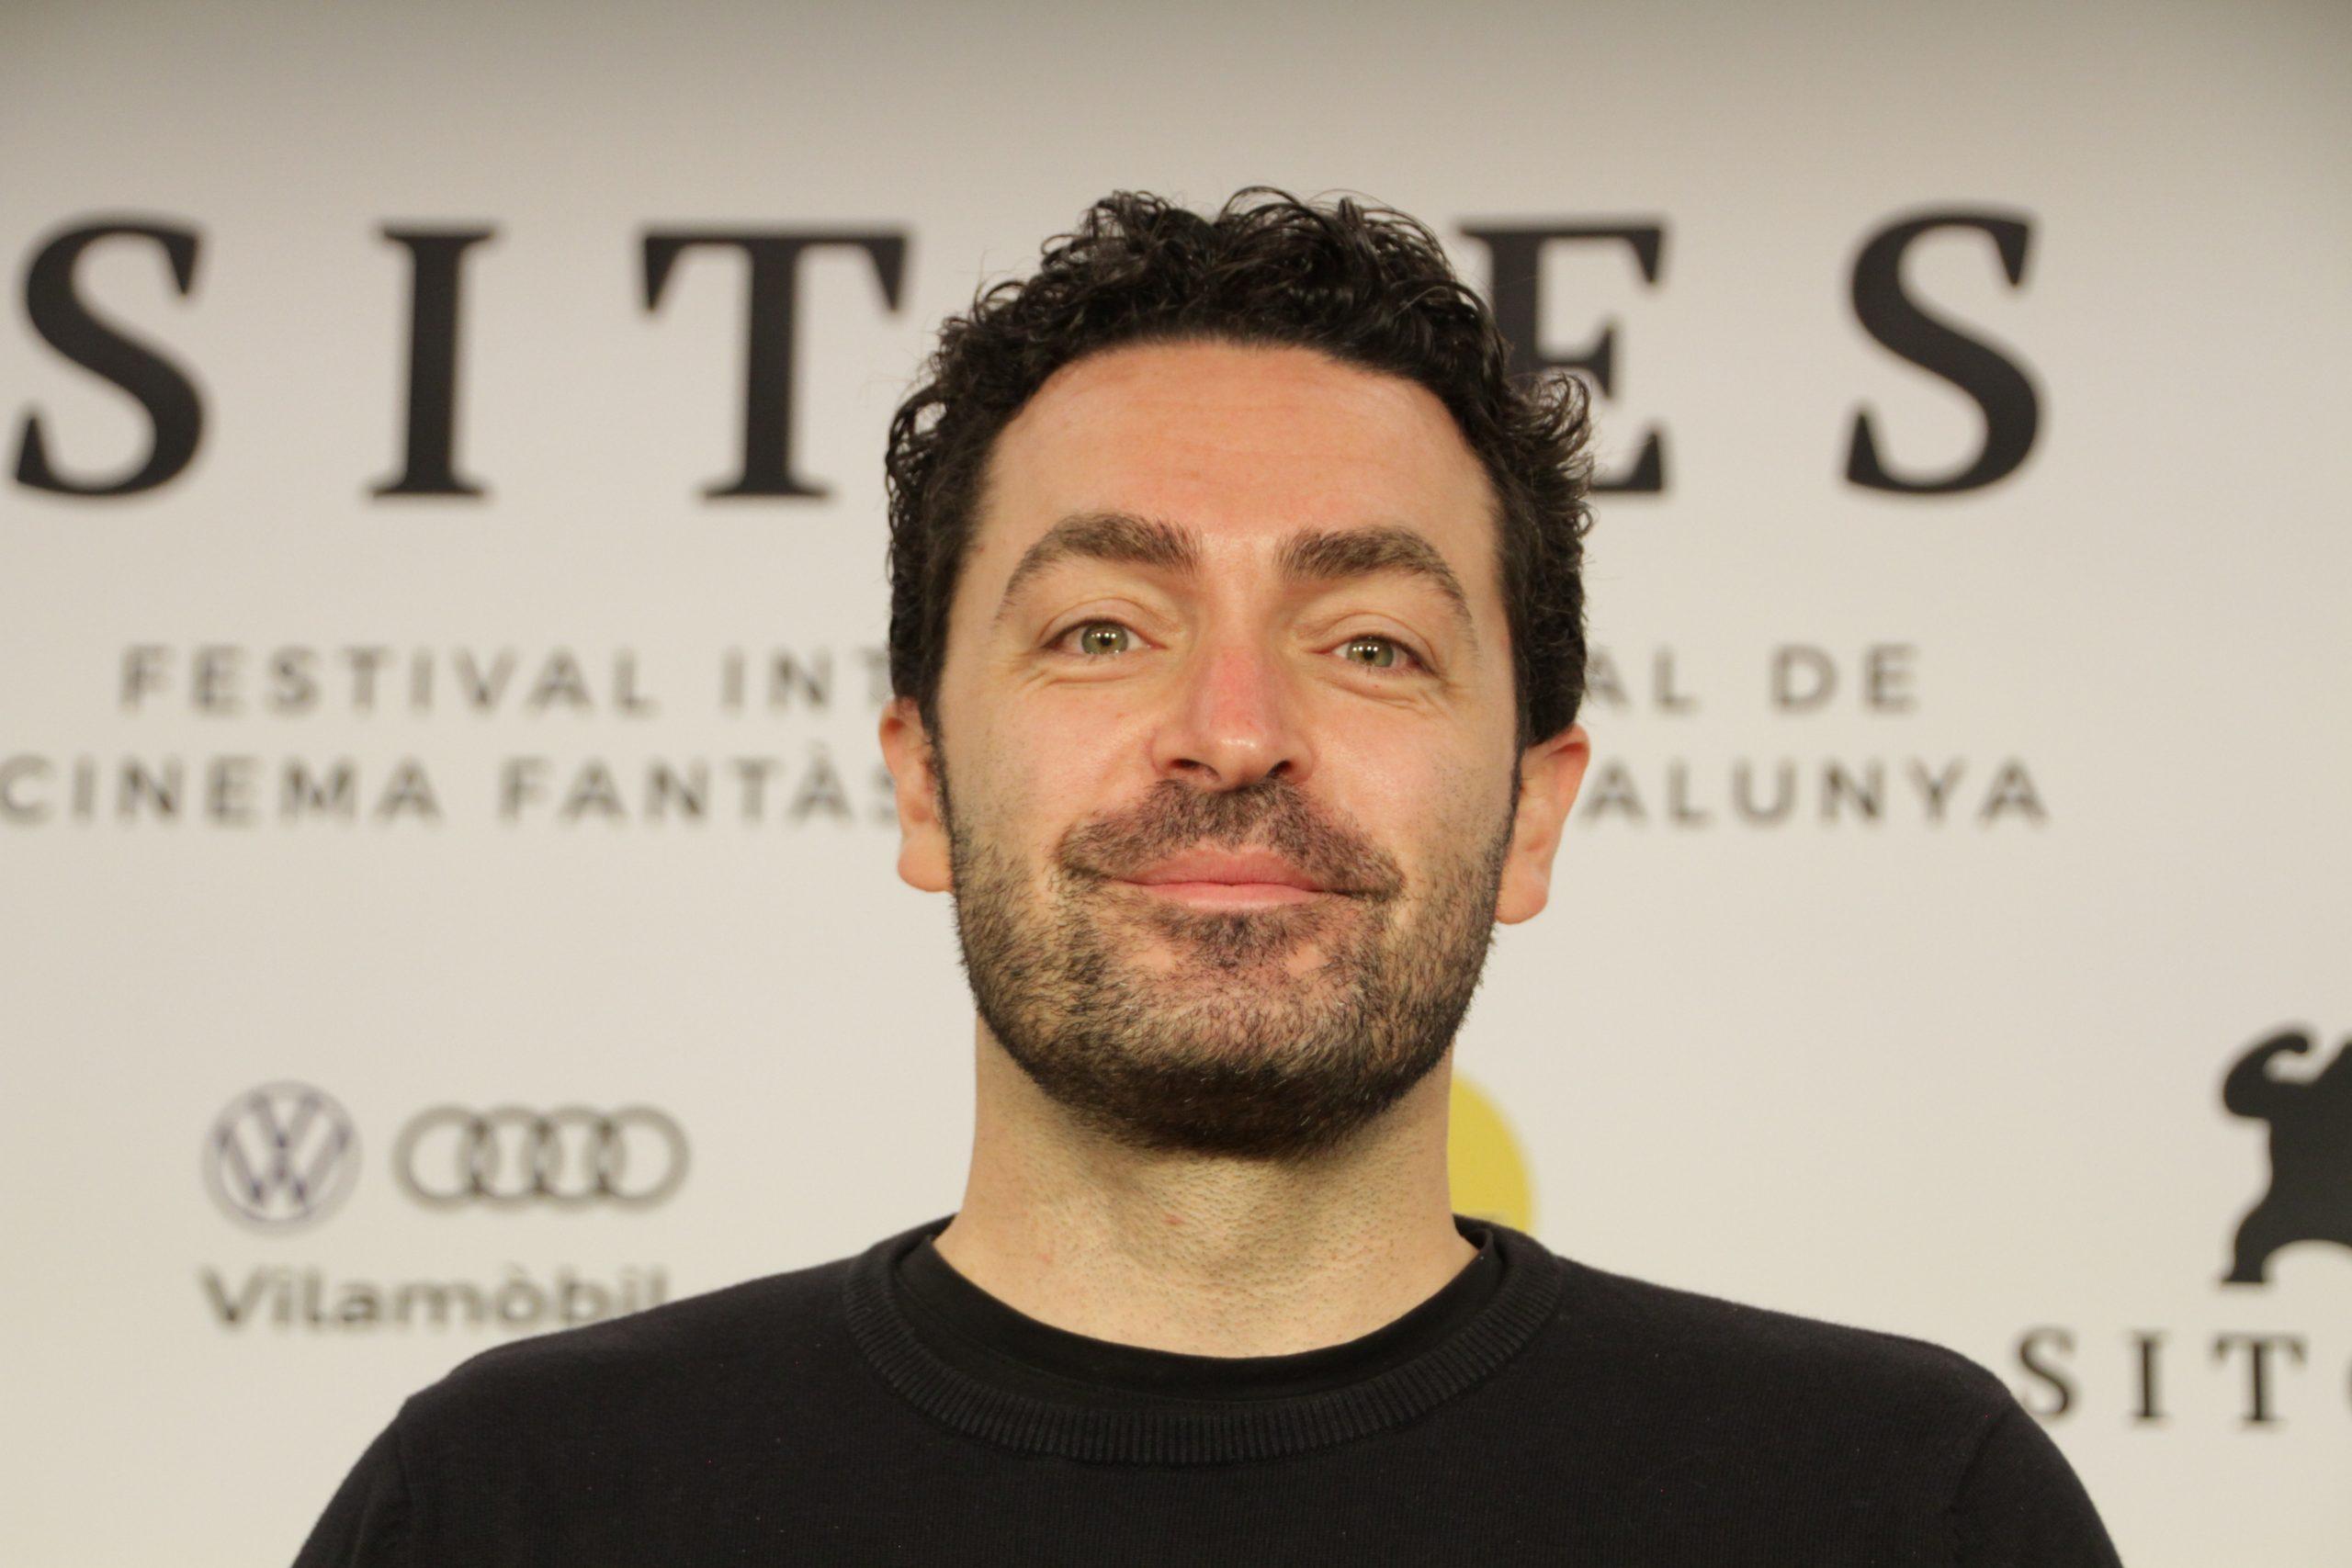 Julien Maury en la rueda de prensa de Kandisha en Sitges Film Festival 2020